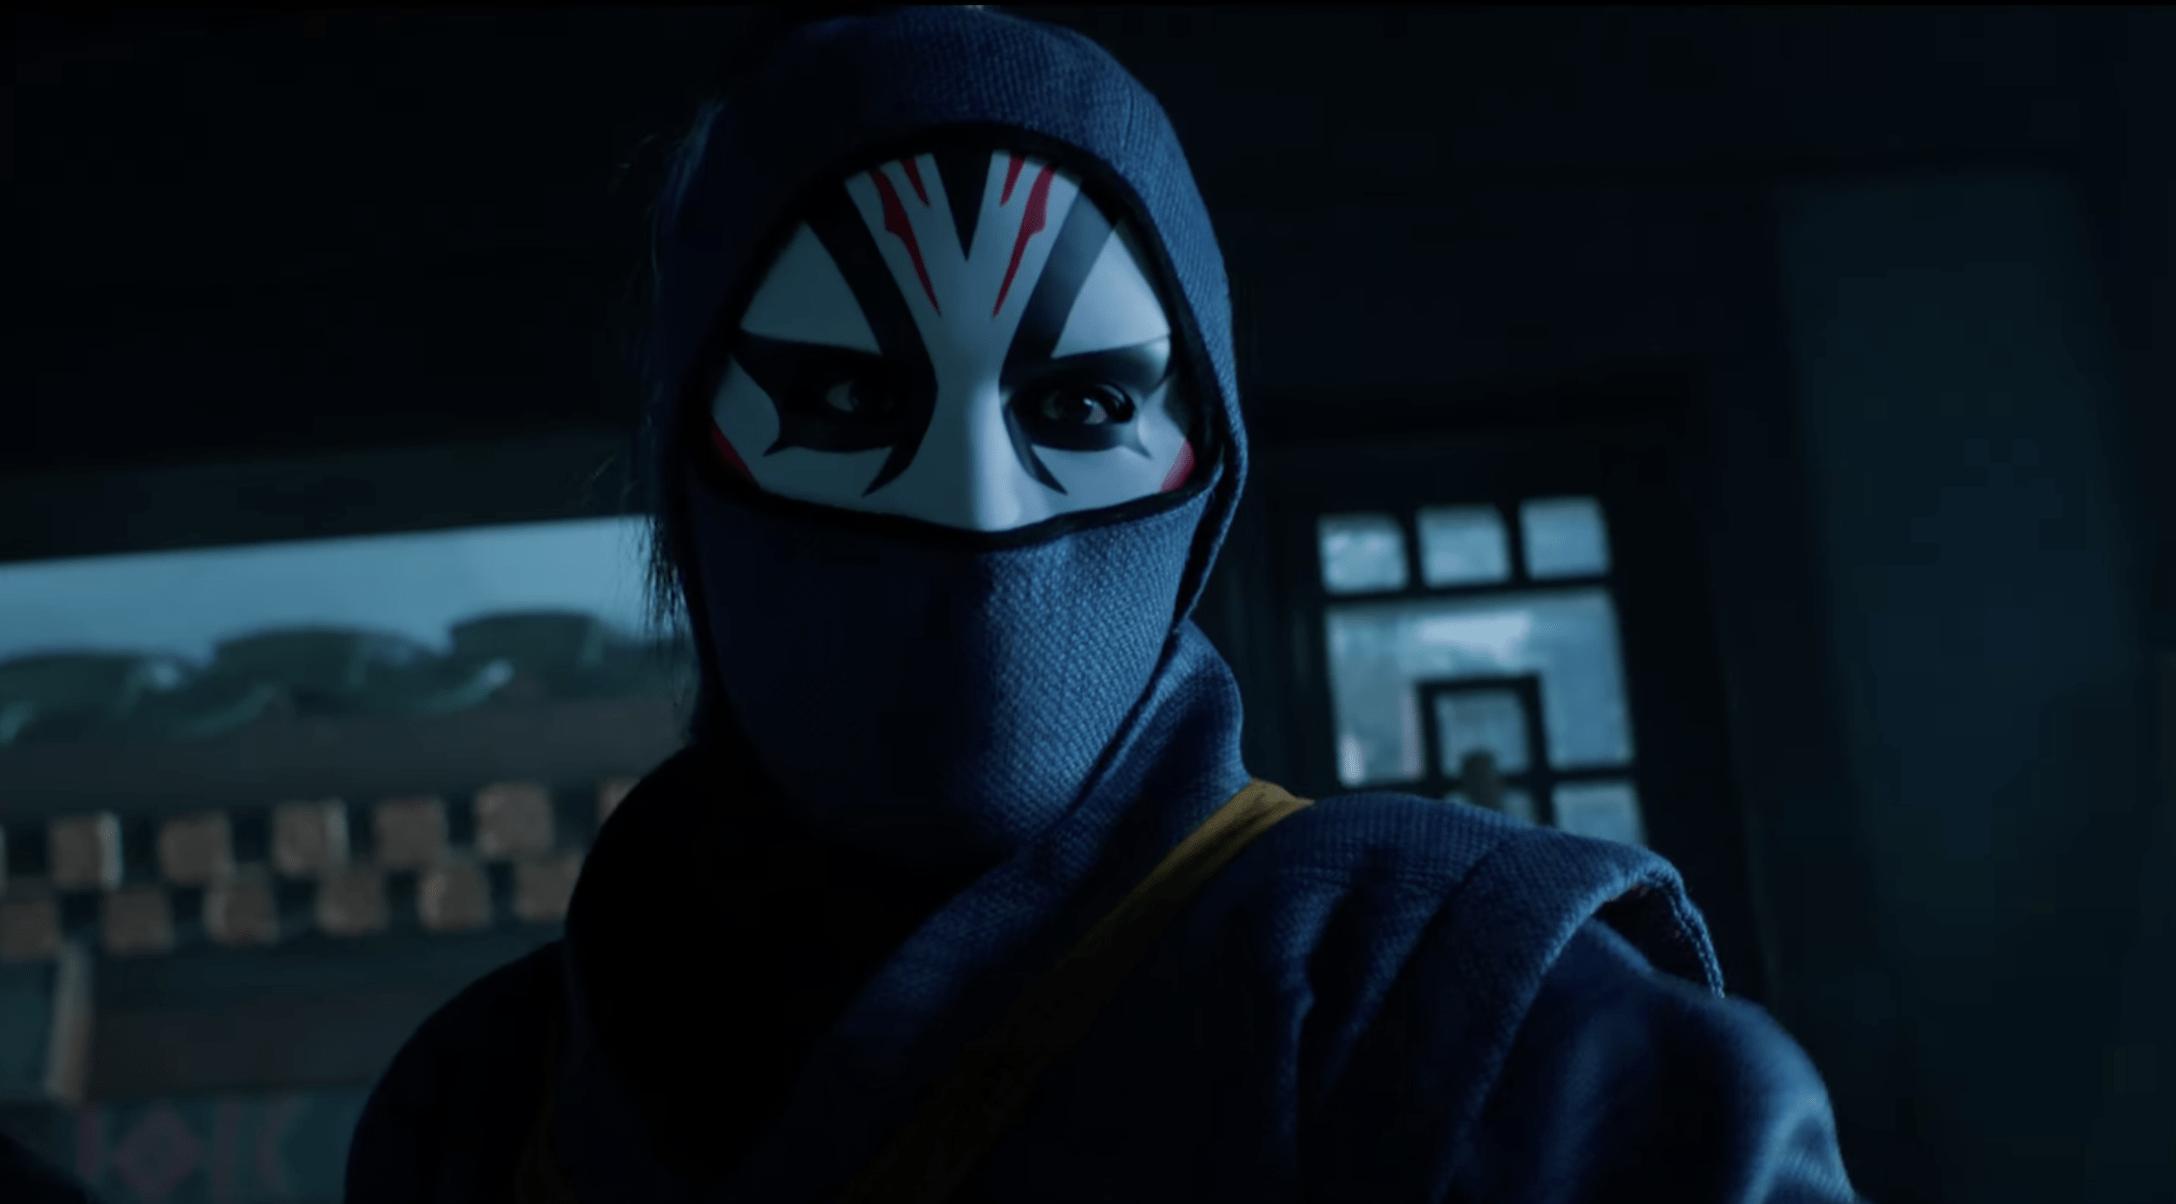 Shang-chi trailer death dealer